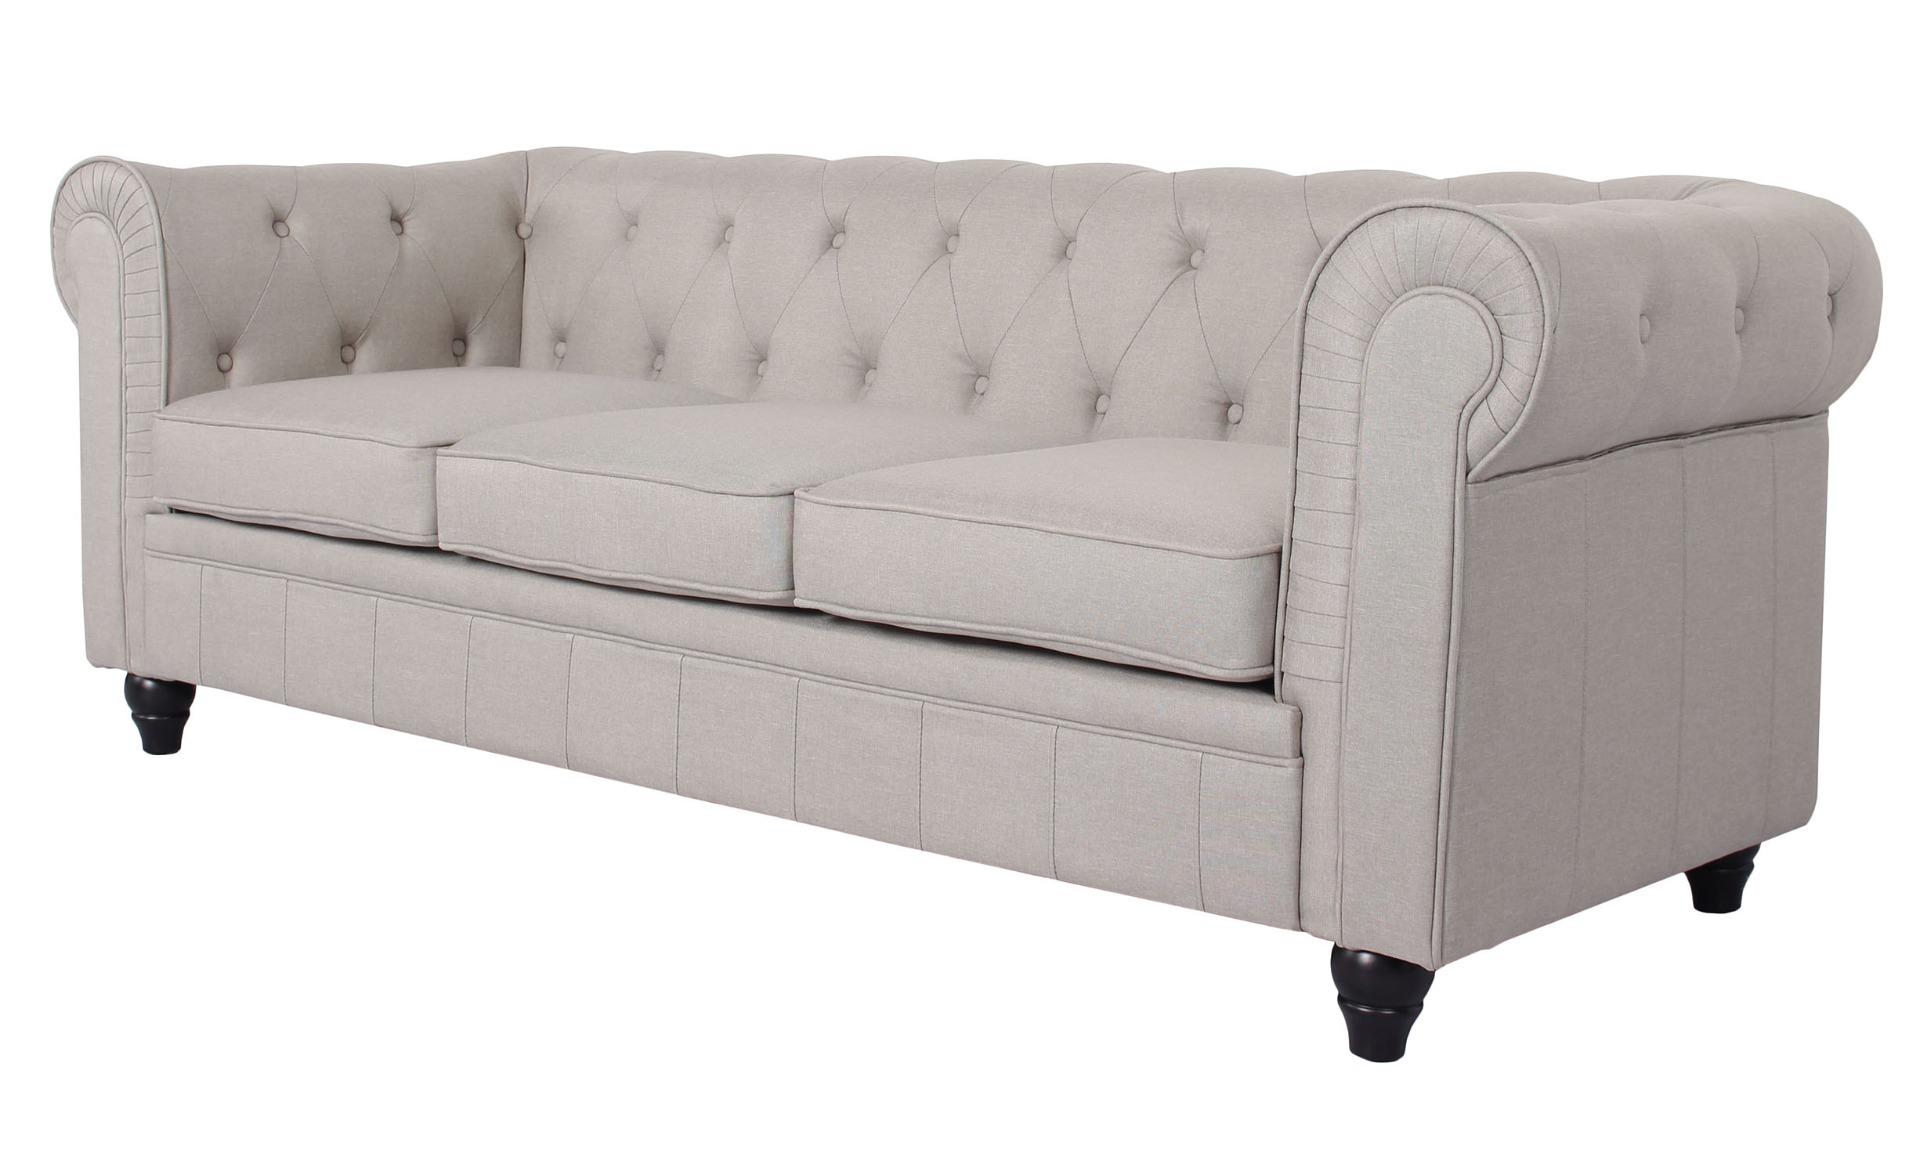 Grand Canapé Chesterfield 3-Sitzer Sofa mit Leinen Effekt Beige